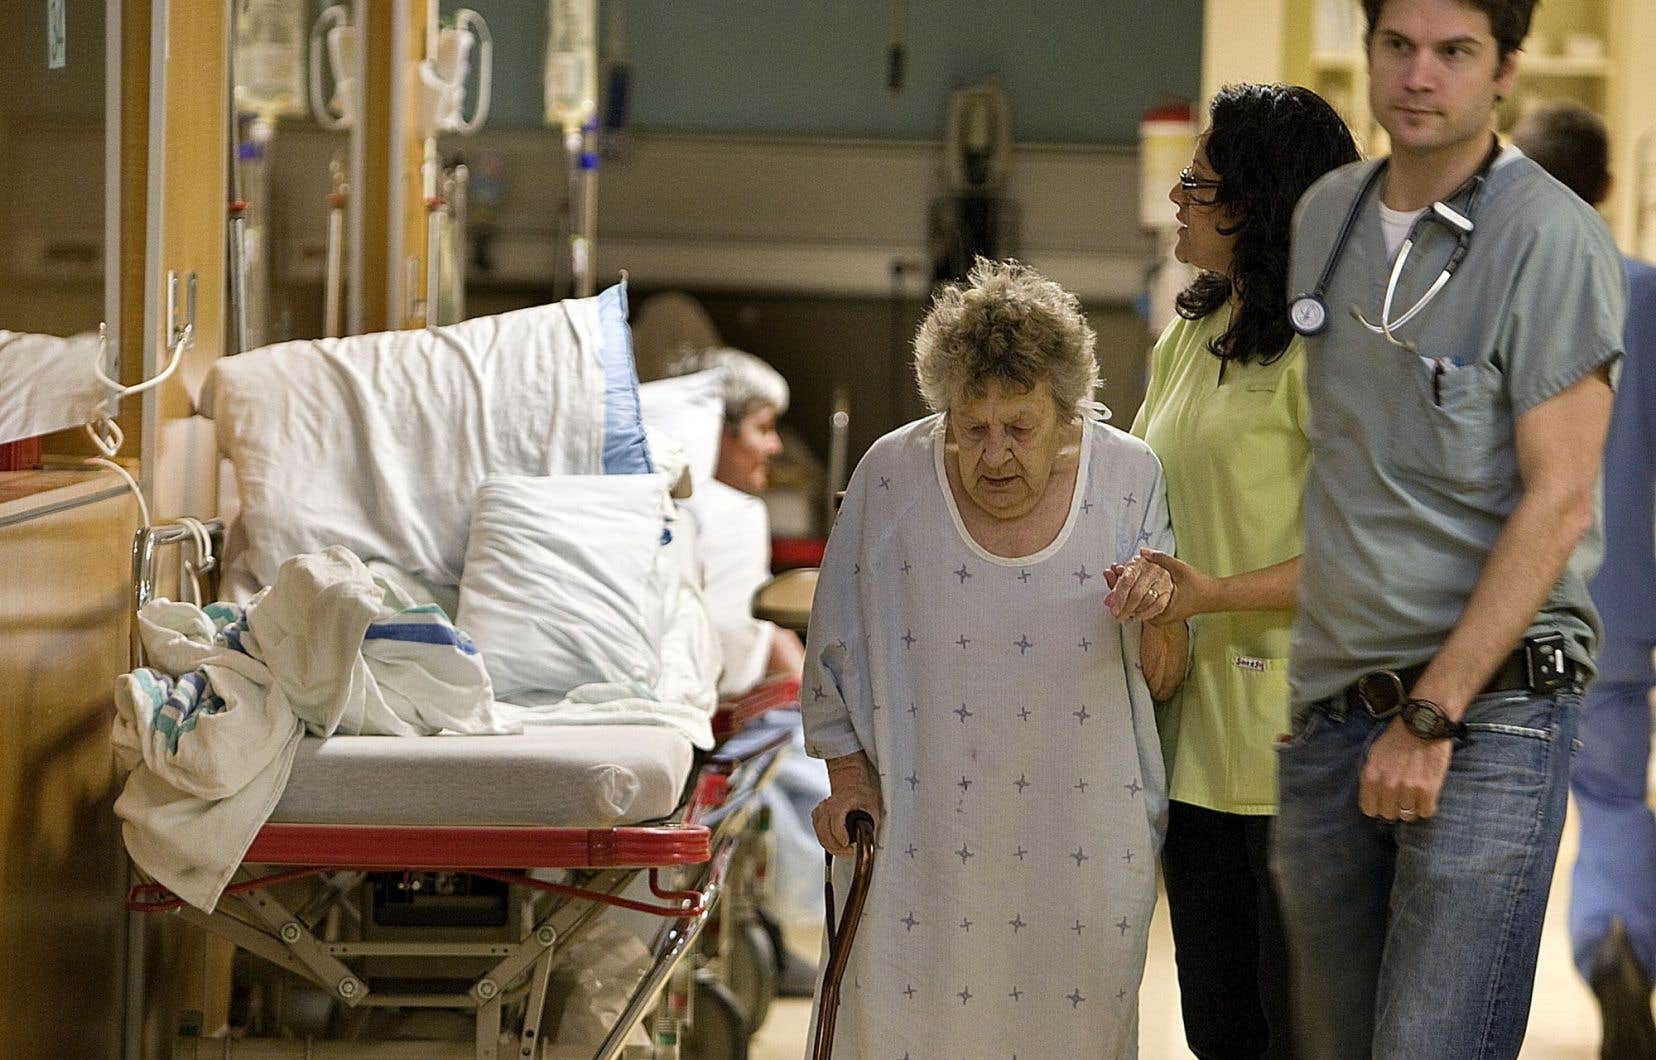 Des études ont déjà prouvé que la collaboration entre professionnels de la santé diminue le recours aux urgences et améliore la qualité des soins.<br />